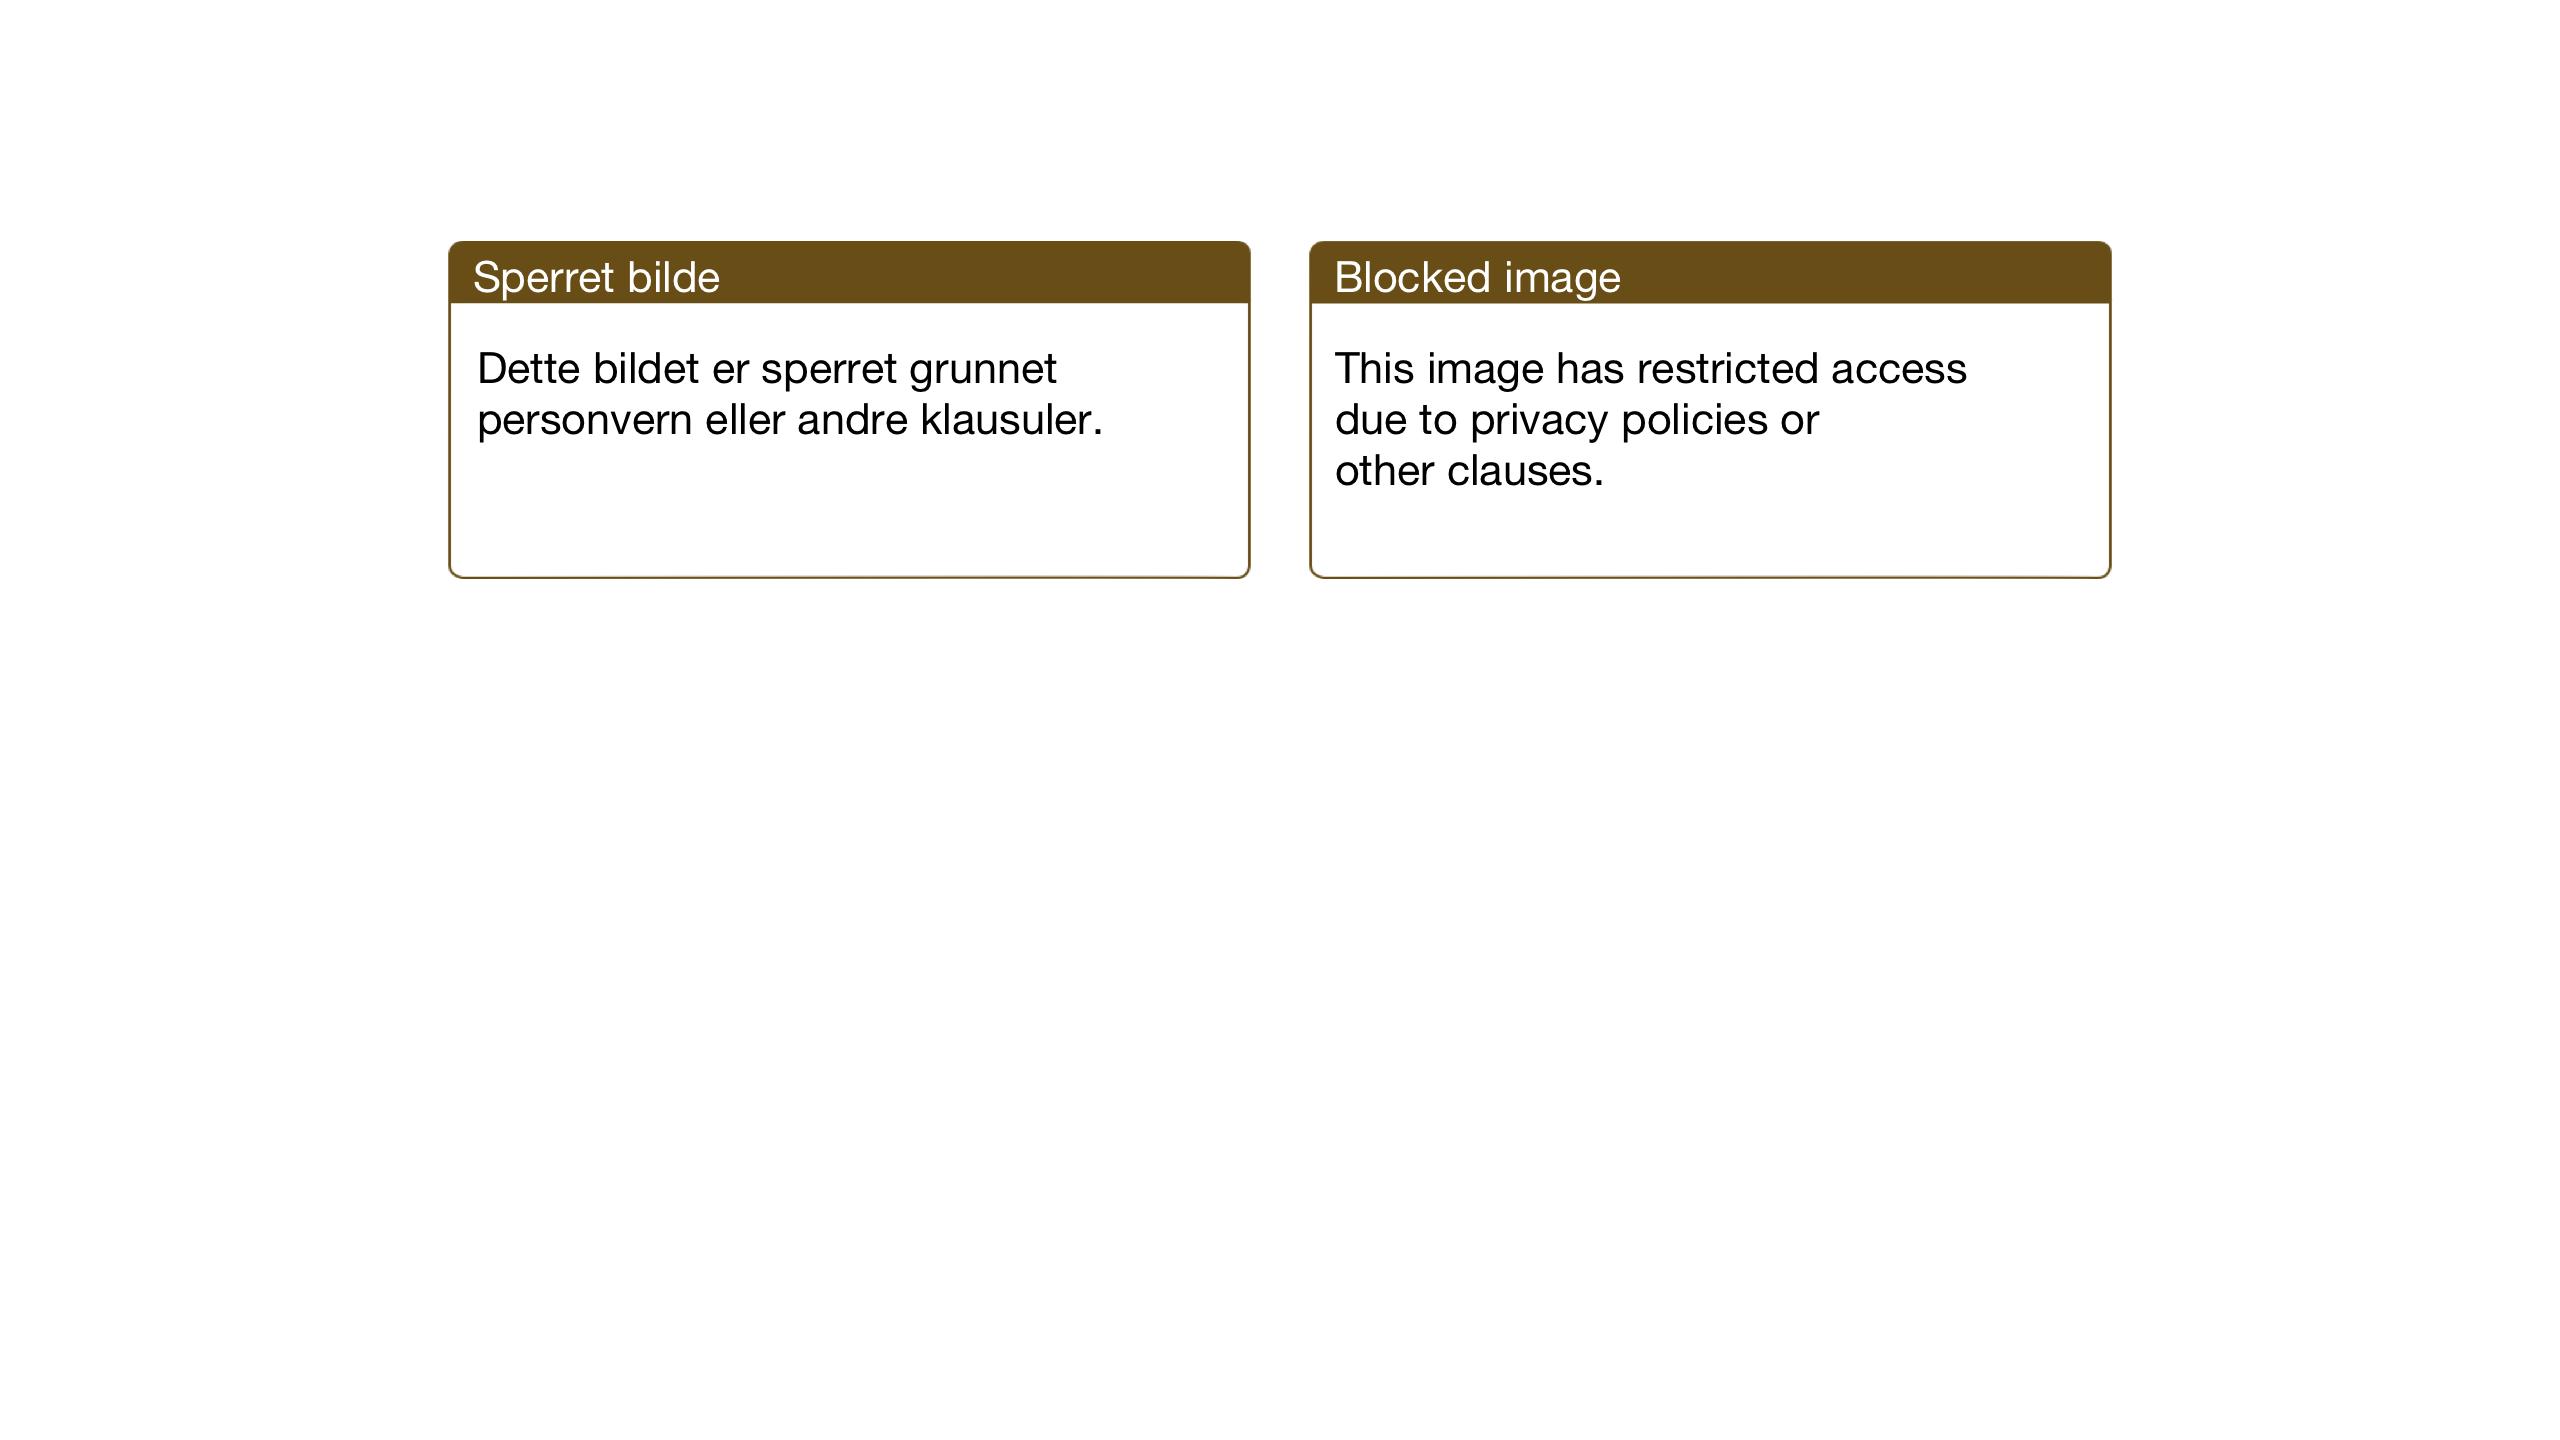 SAT, Ministerialprotokoller, klokkerbøker og fødselsregistre - Sør-Trøndelag, 686/L0986: Klokkerbok nr. 686C02, 1933-1950, s. 62